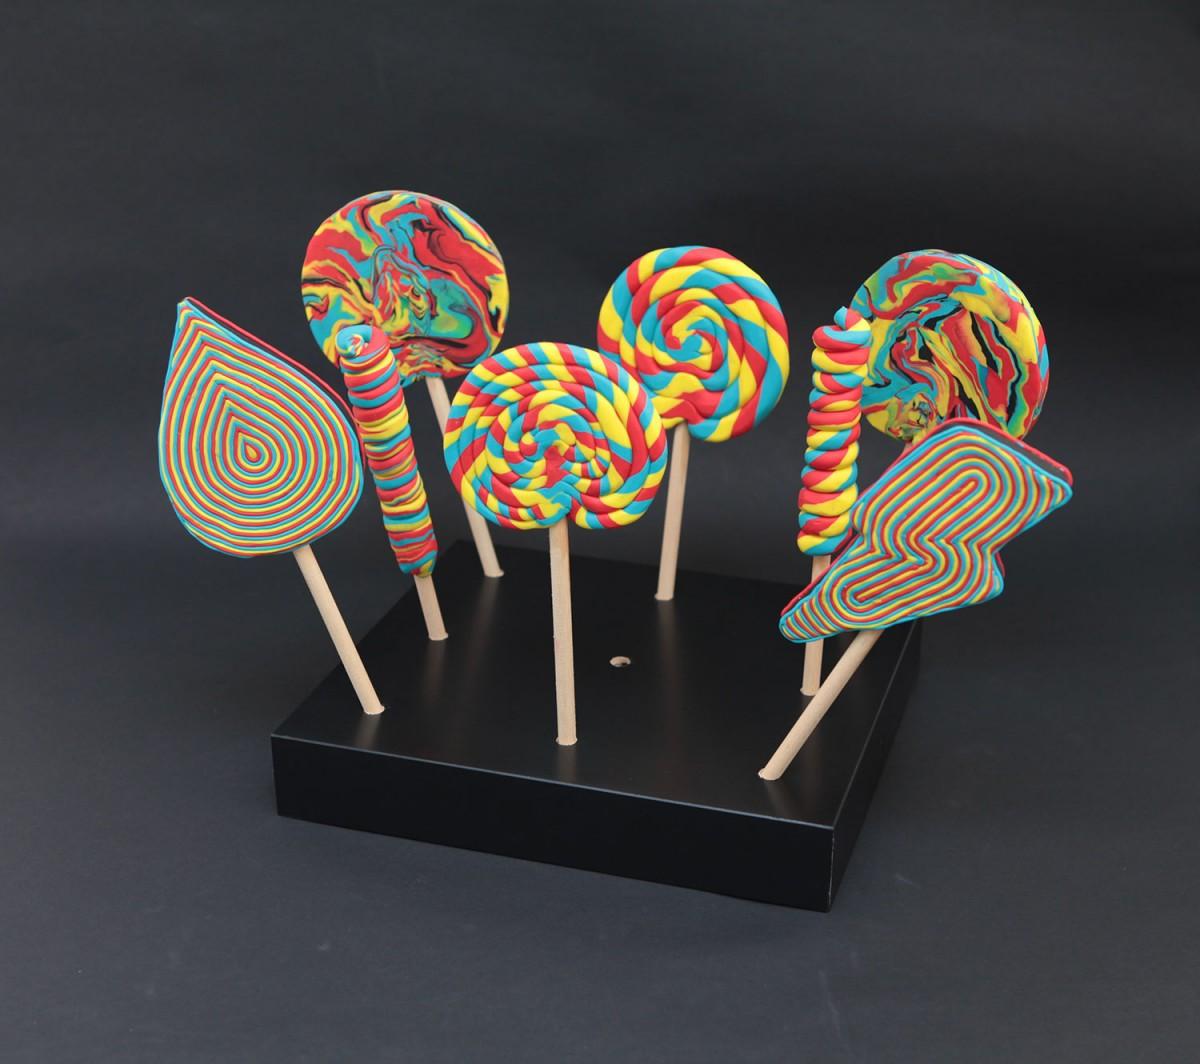 Скульптурные возможности пластилина Александры Бруэль